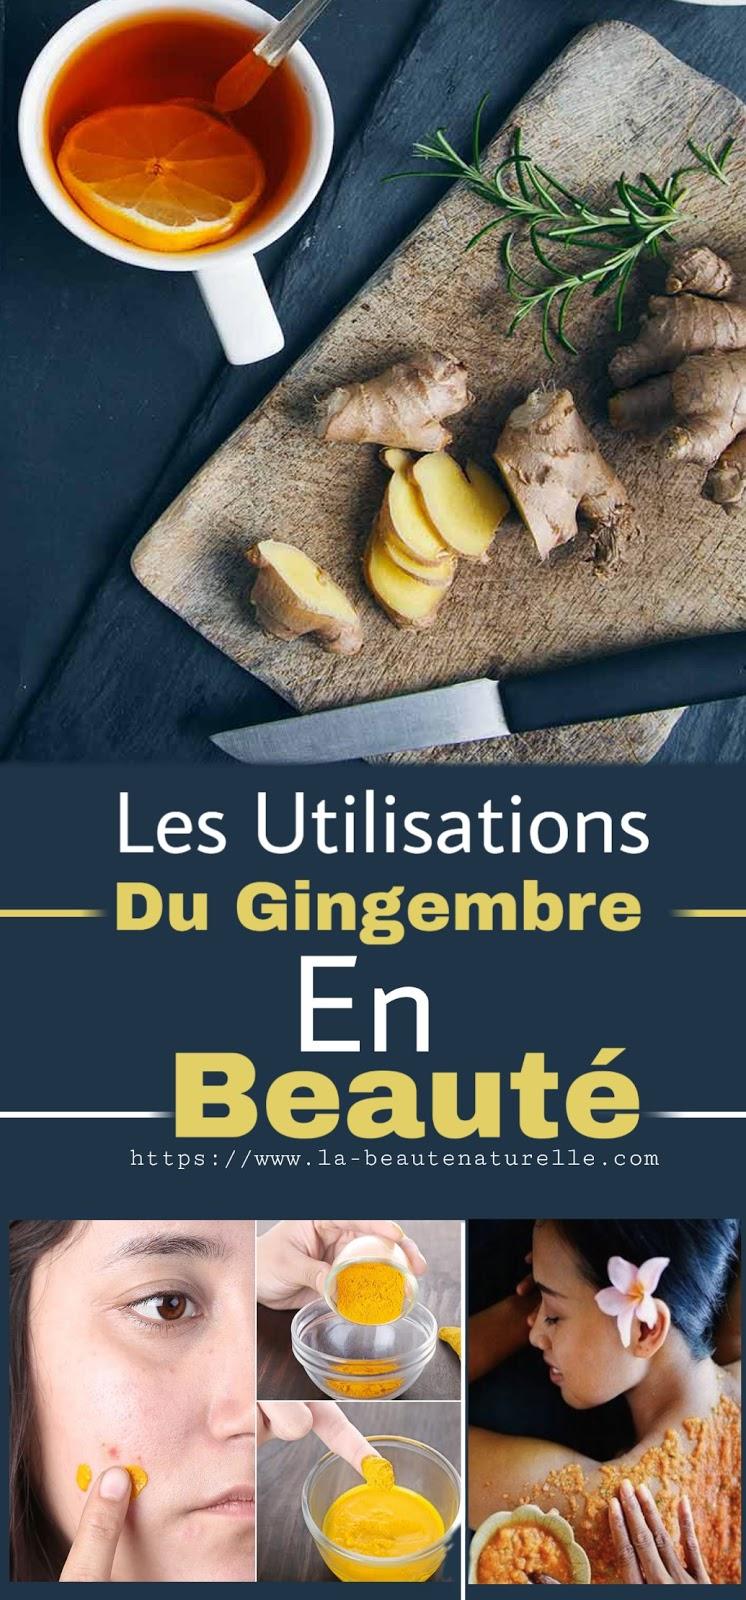 Les Utilisations Du Gingembre En Beauté